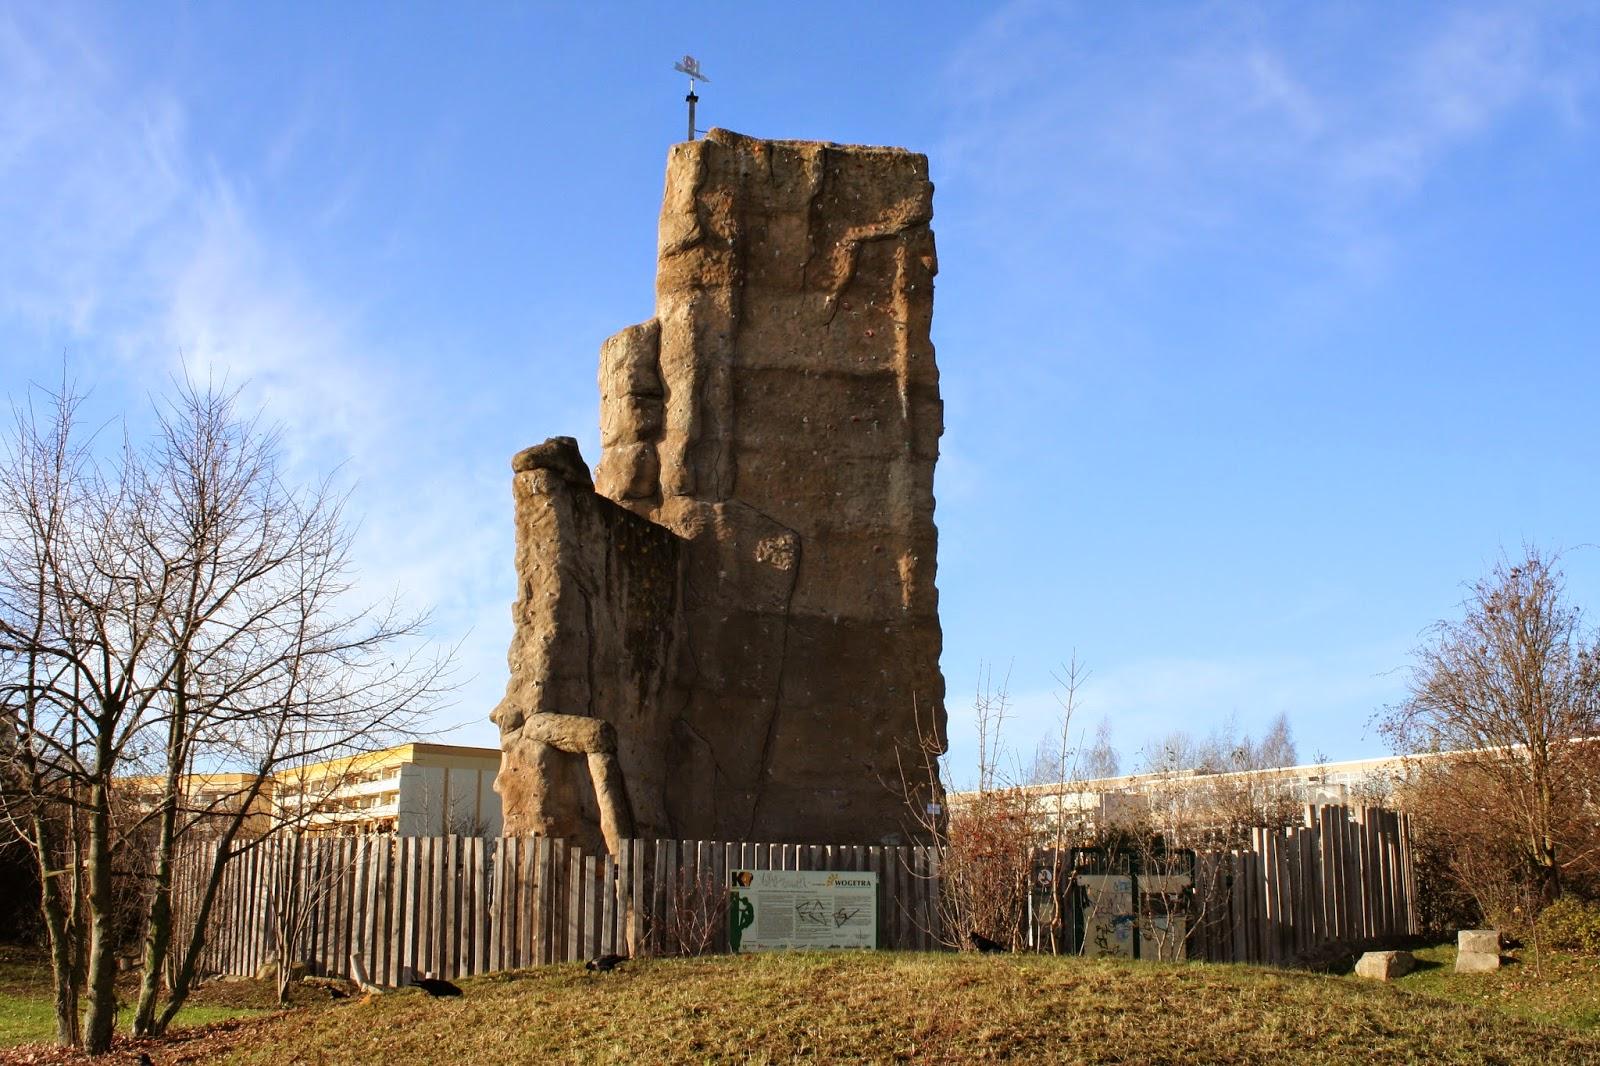 Von März bis Juli 2000 wurde der K4 gebaut, am 17. August wurde dieser Kletterfelsen eröffnet und wird vom Alpenverein Leipzig geführt, der K4 ist ein beliebtes Ziel aller Kletterer in diesem Stadteil